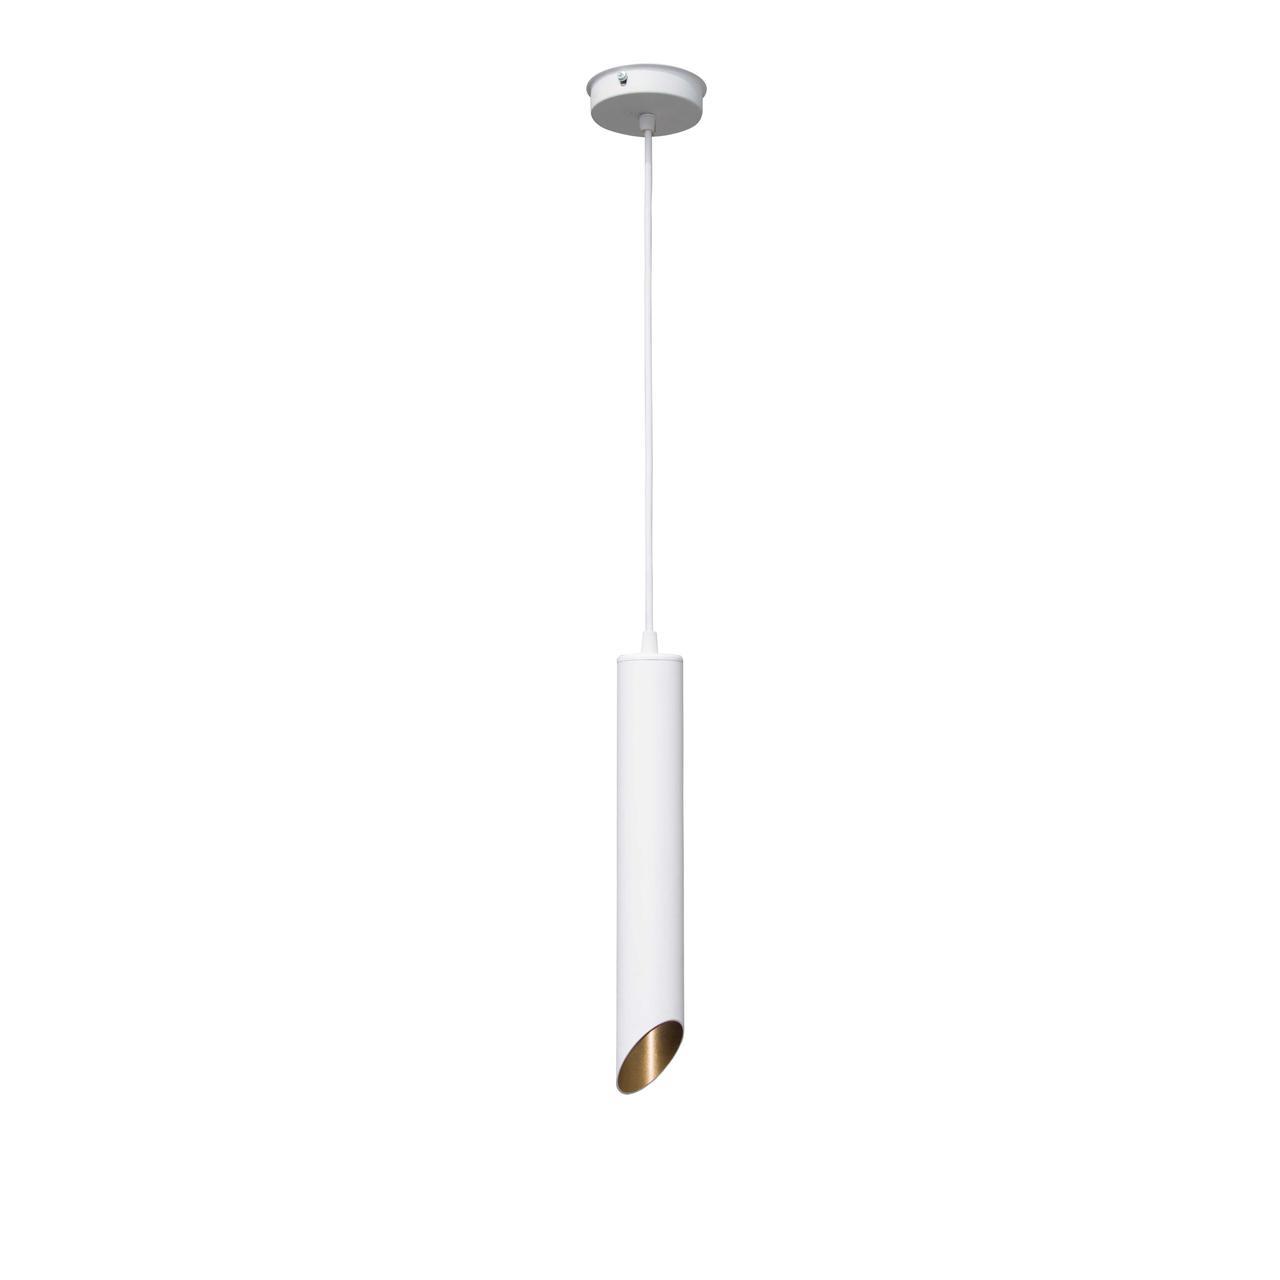 Светильник подвесной   Трубка NL 3722 W MSK Electric